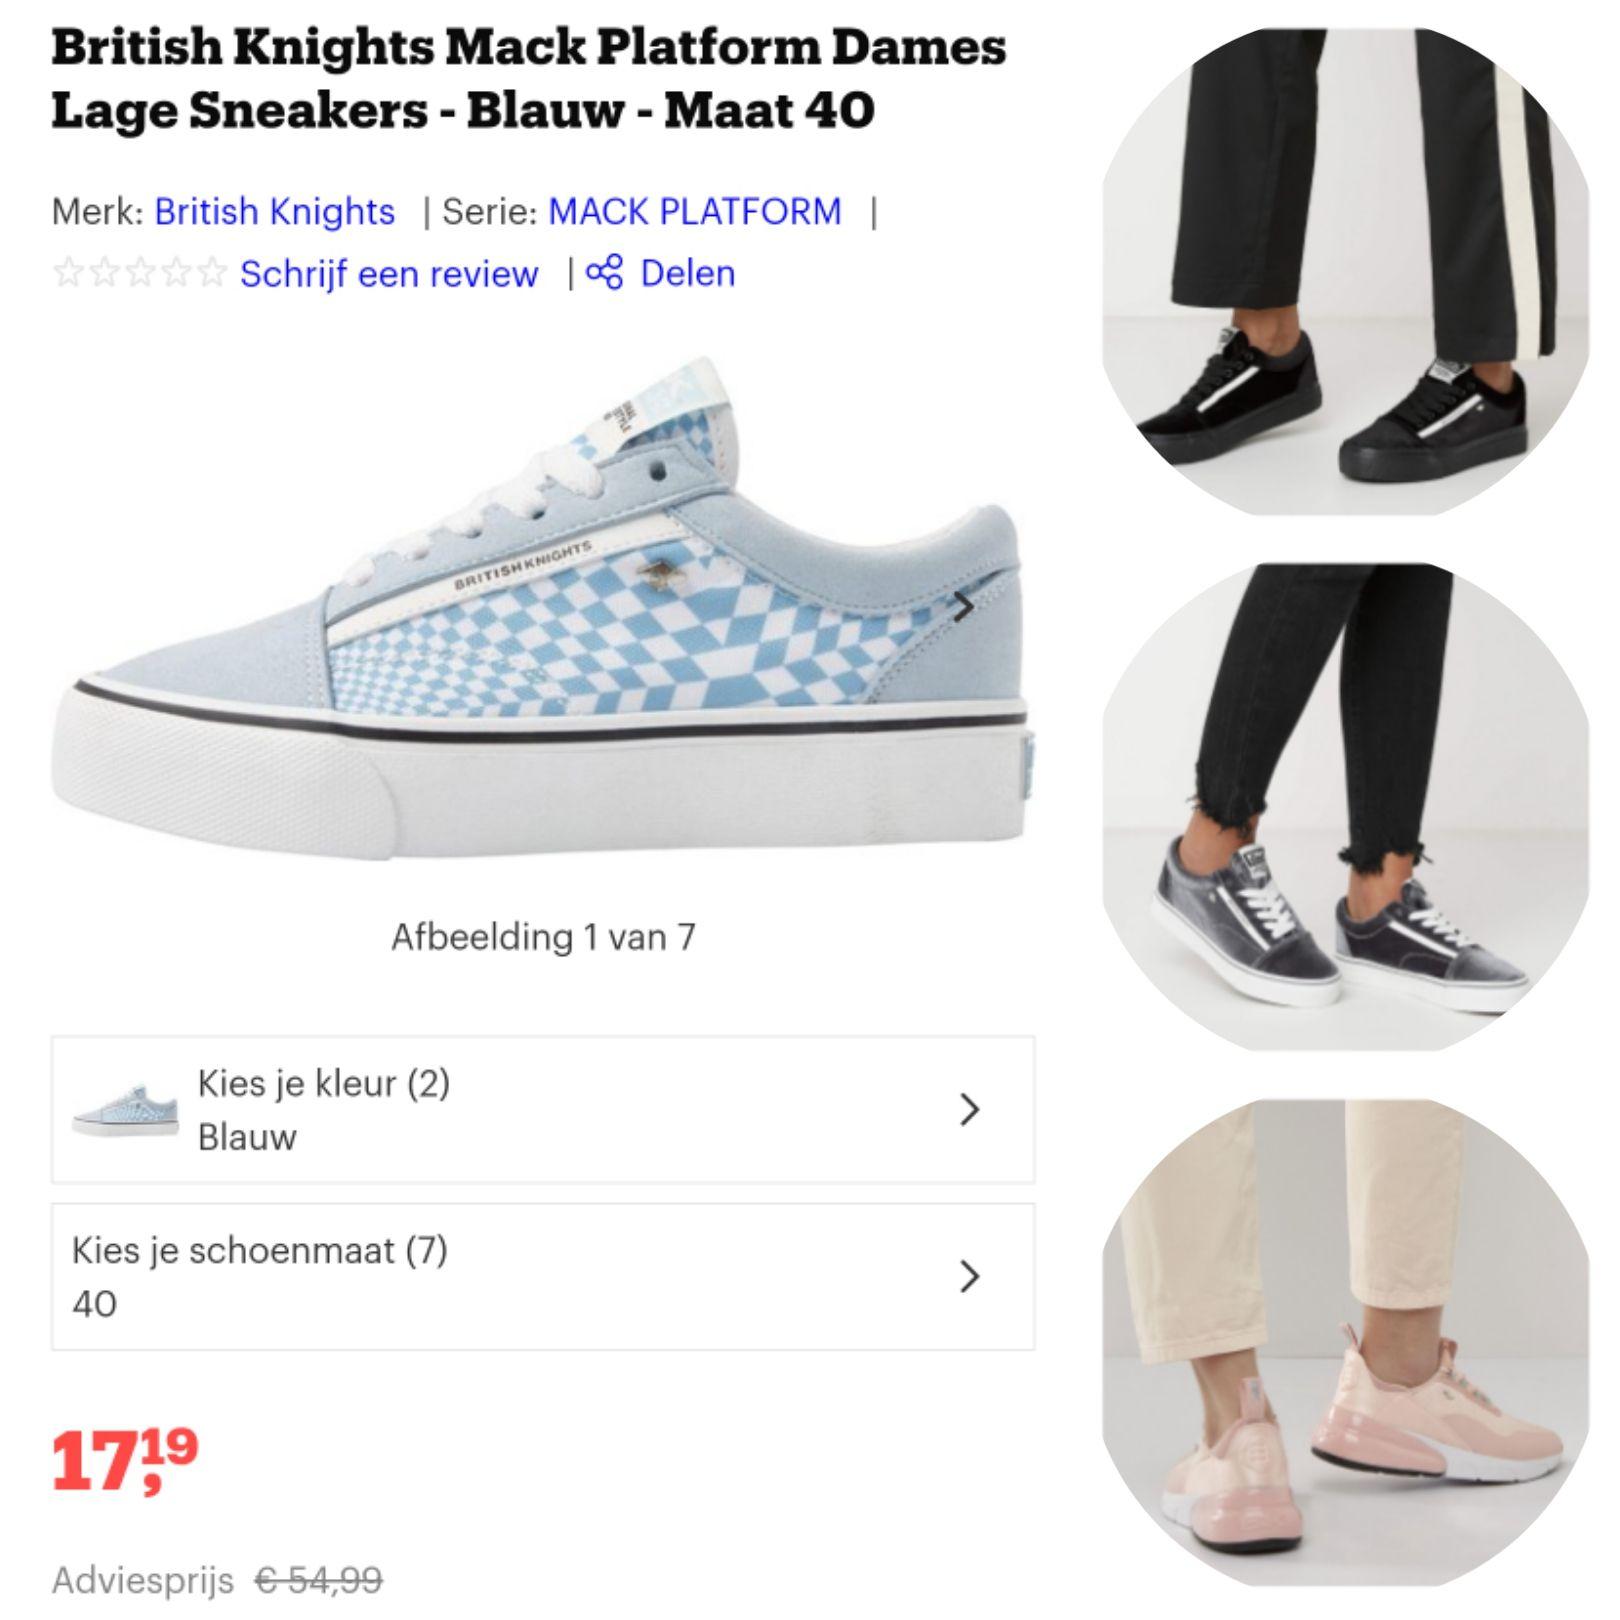 british knights mack platform dames lage sneakers blauw en nog veel meer modellen.